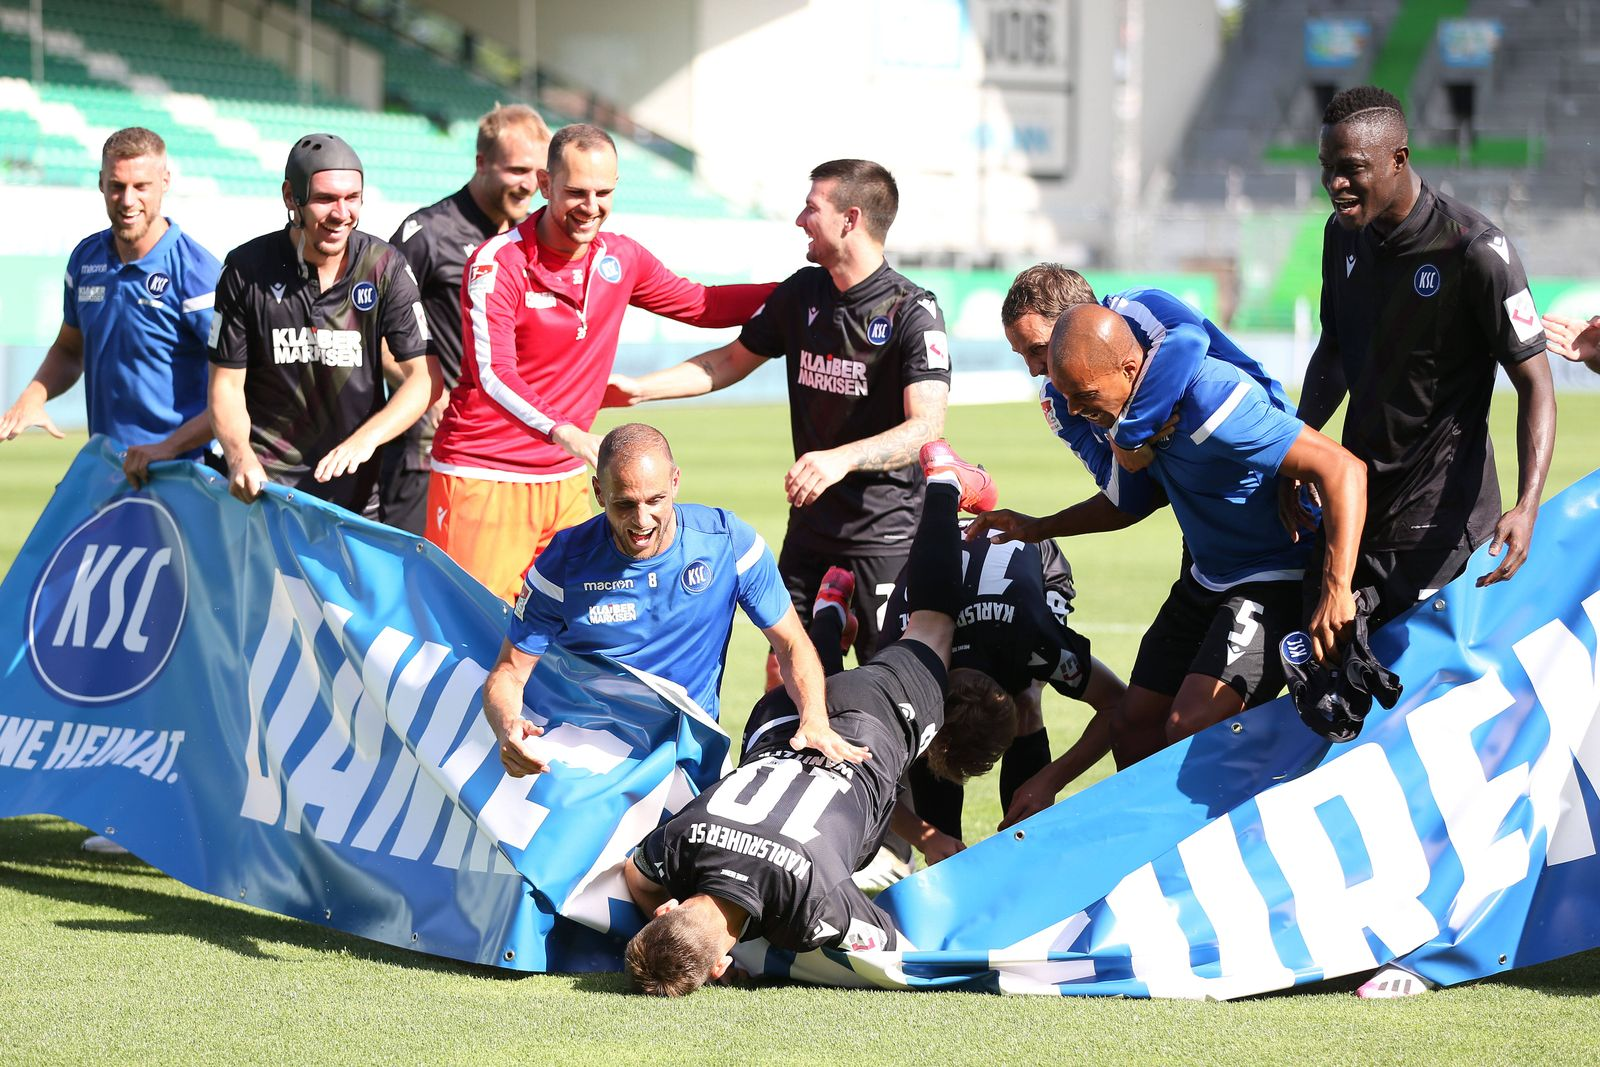 Der KSC feiert den Klassenerhalt nach dem Rückrundenspiel der Saison 2019/2020 zwischen SpVgg Greuther Fürth und dem Kar